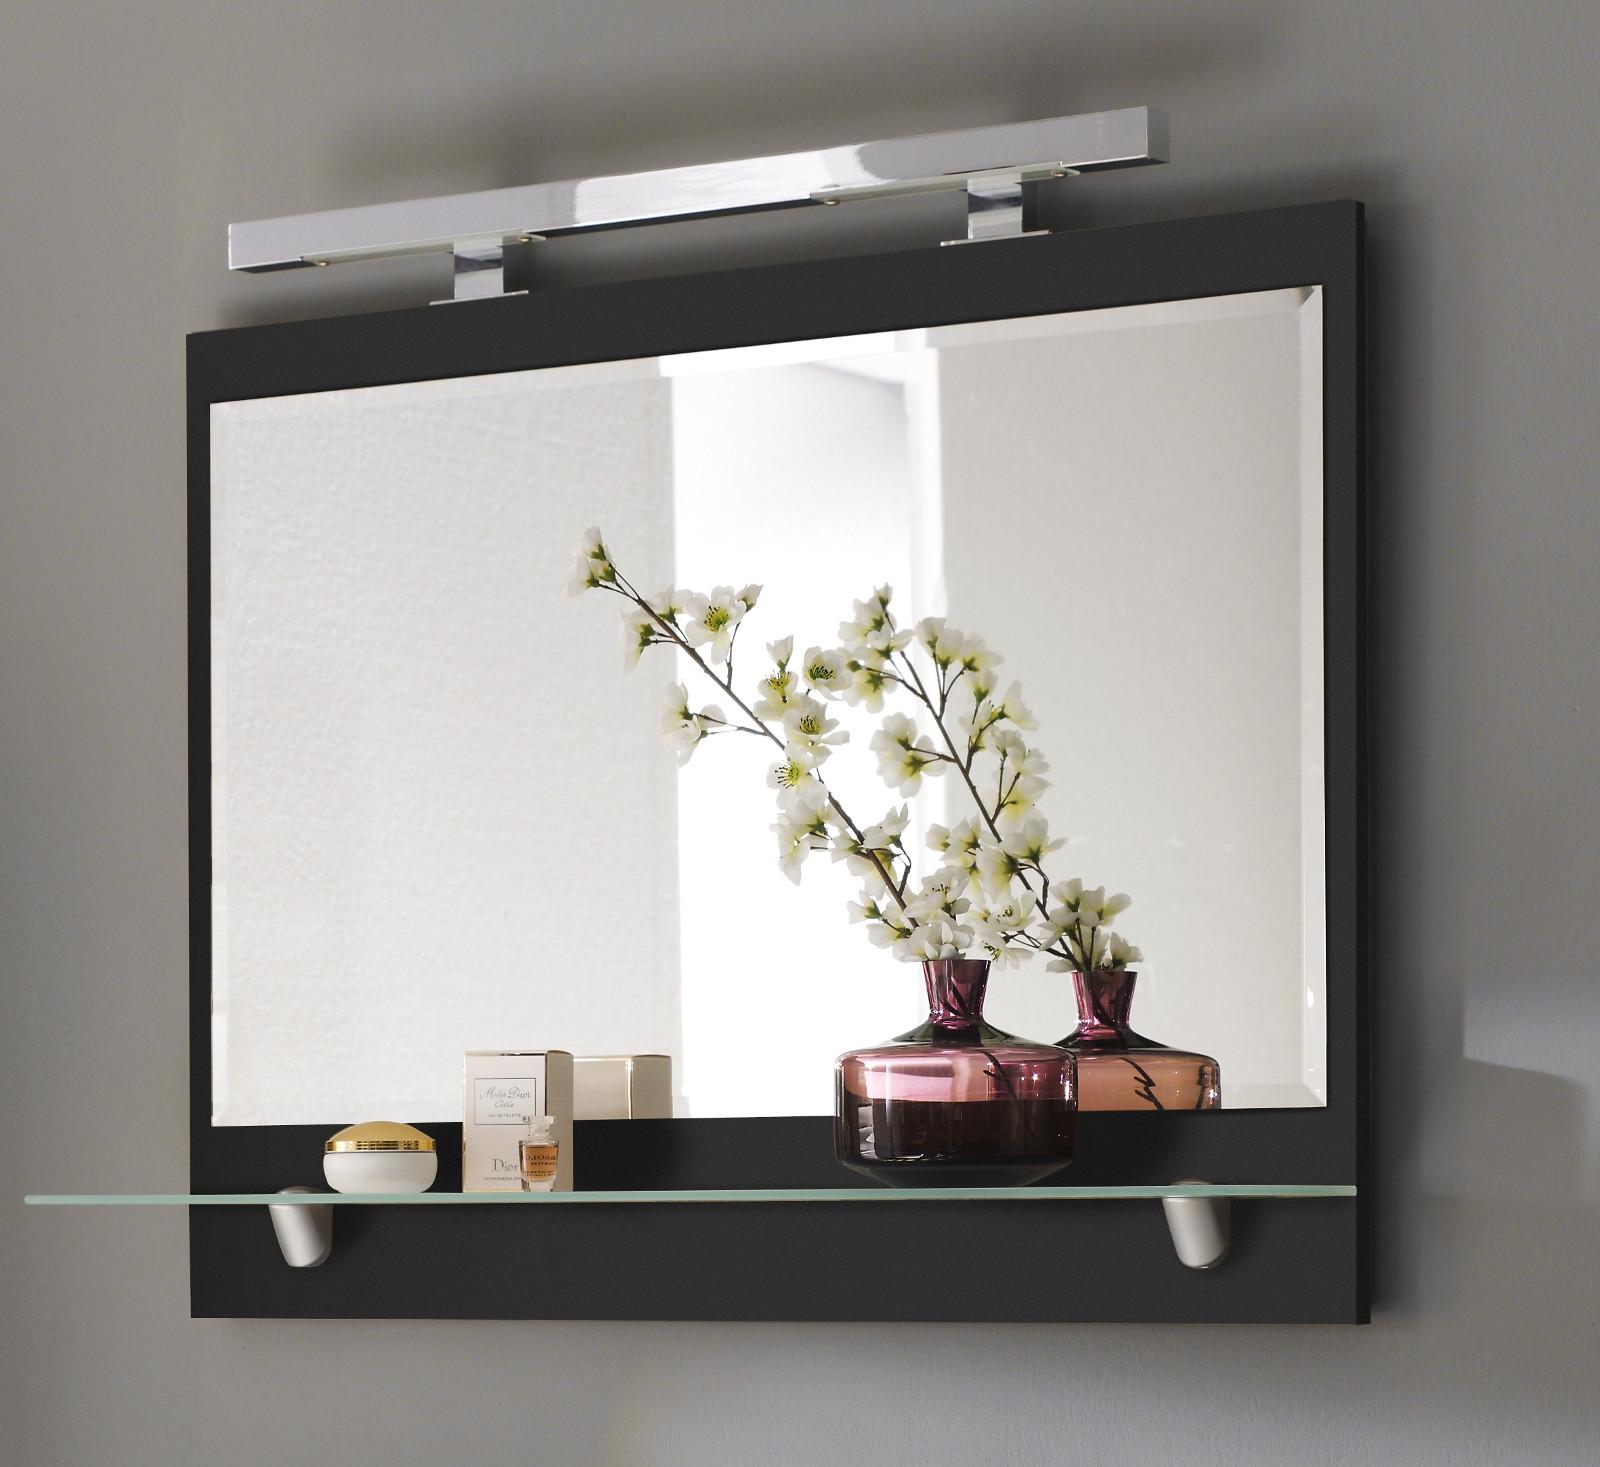 Spiegel Für Das Badezimmer: Posseik Spiegel Kaufen